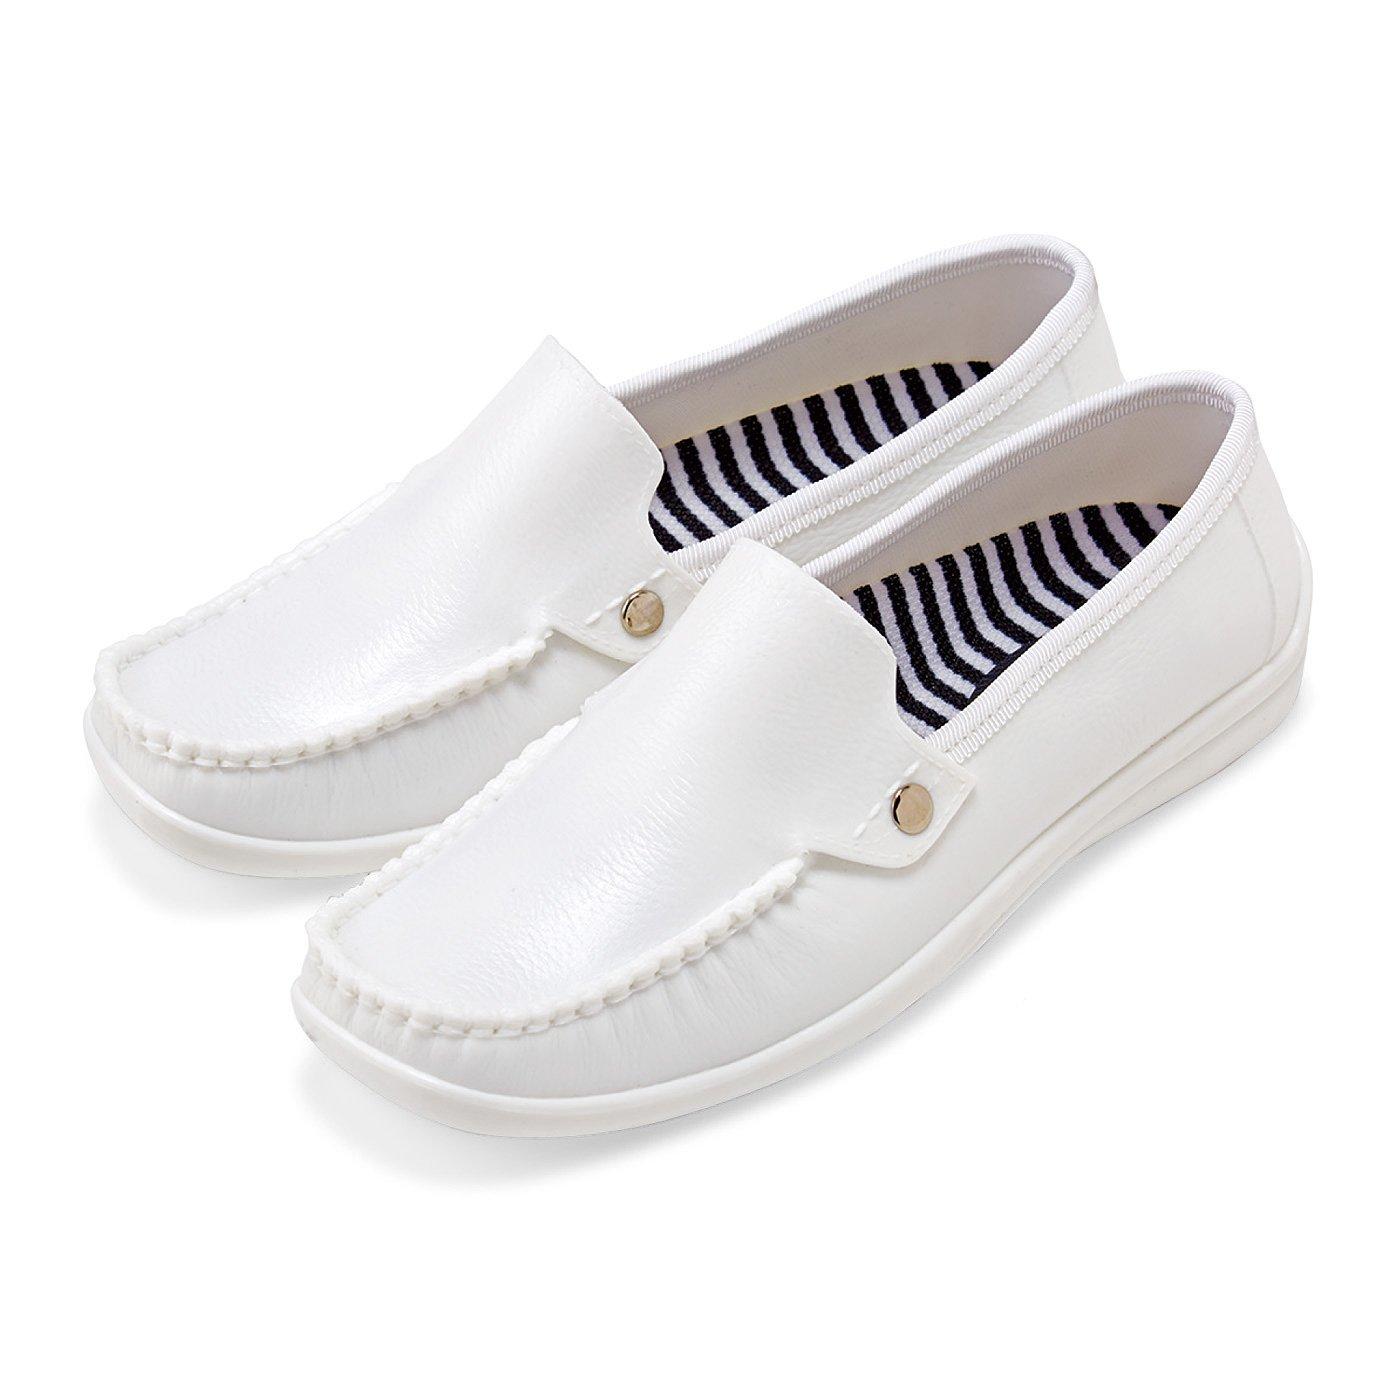 雨の日も気持ち晴れやか 革靴みたいな防水スリッポン〈ホワイト〉